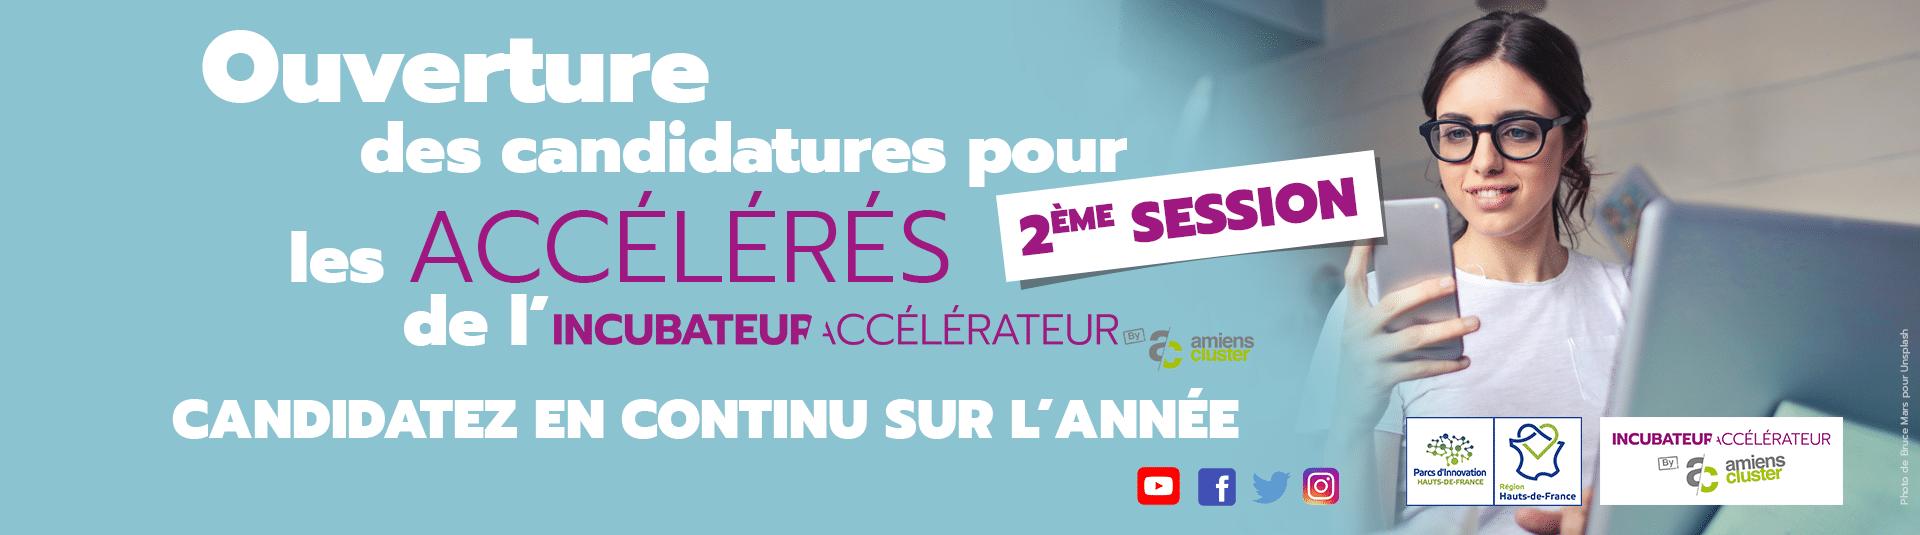 Bandeau promotionnel pour l'ouverture des candidatures à l'incubateur accélérateur d'Amiens cluster